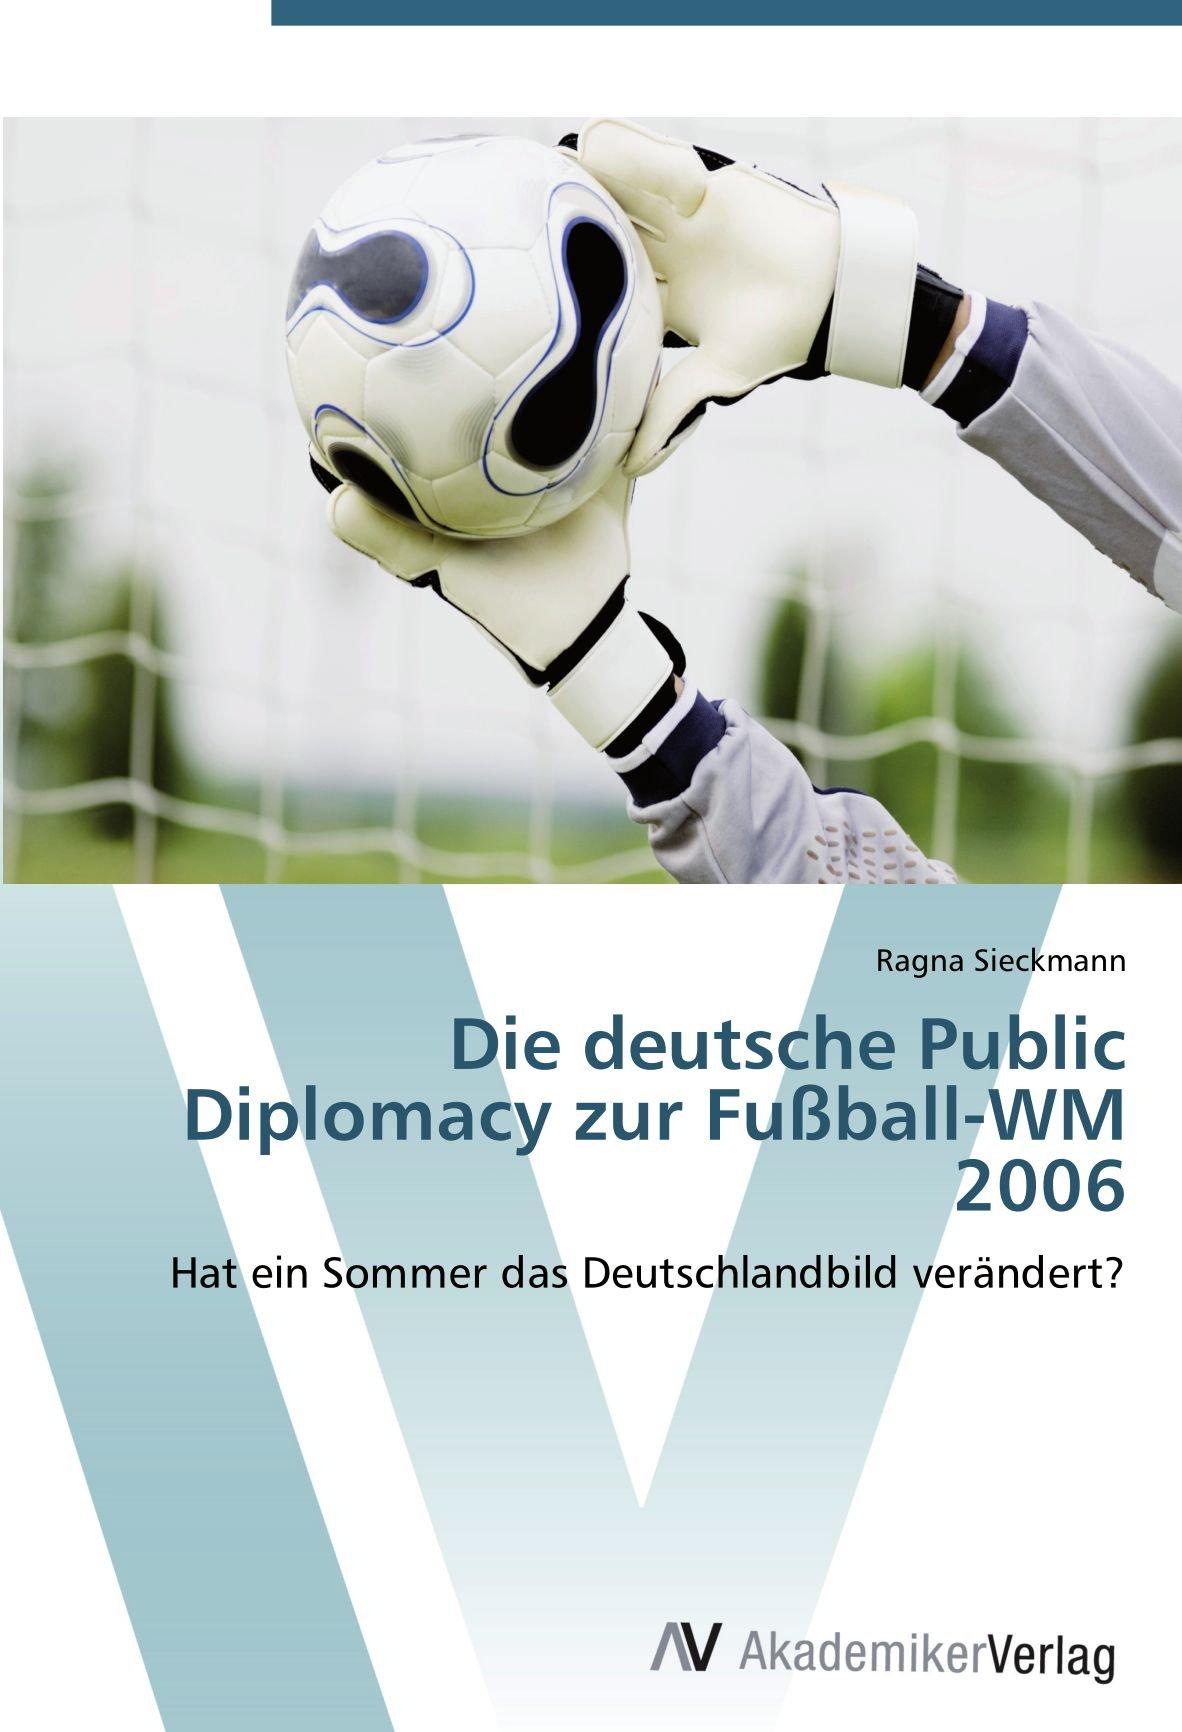 Die deutsche Public Diplomacy zur Fußball-WM 2006: Hat ein Sommer das Deutschlandbild verändert?